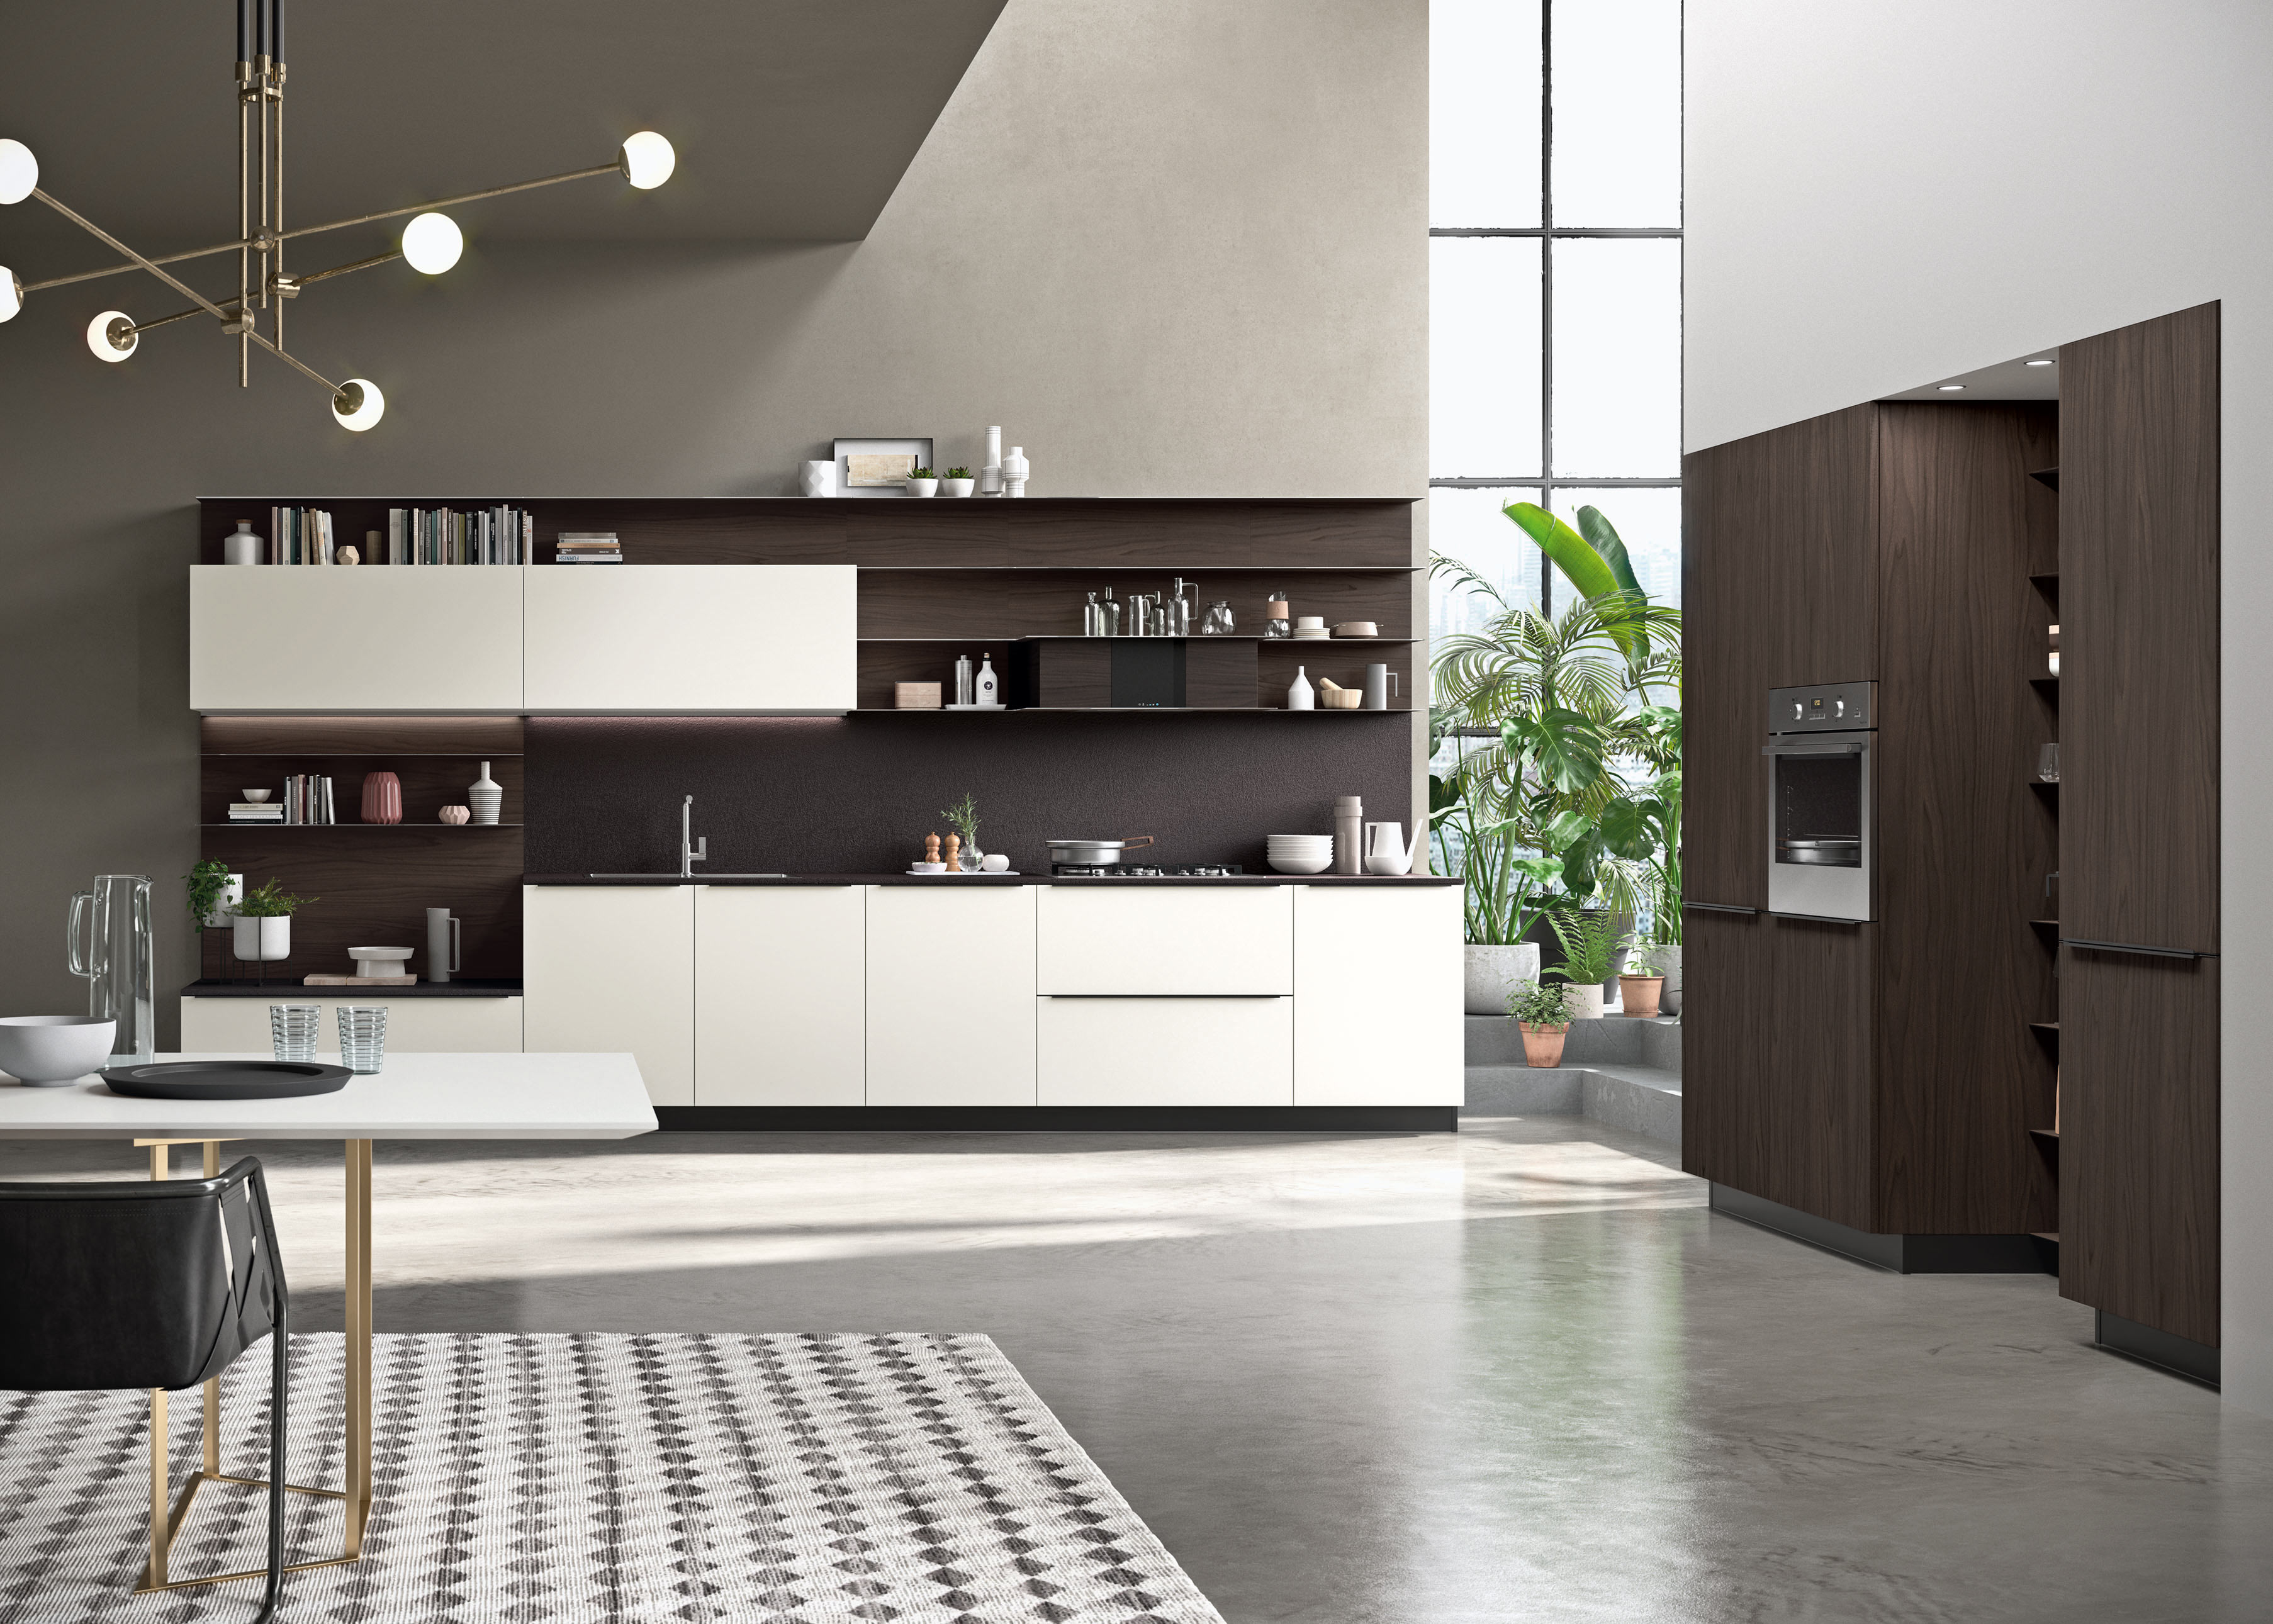 Veneta Cucine O Snaidero veneta cucine | lc mobili - arredamenti torrenova